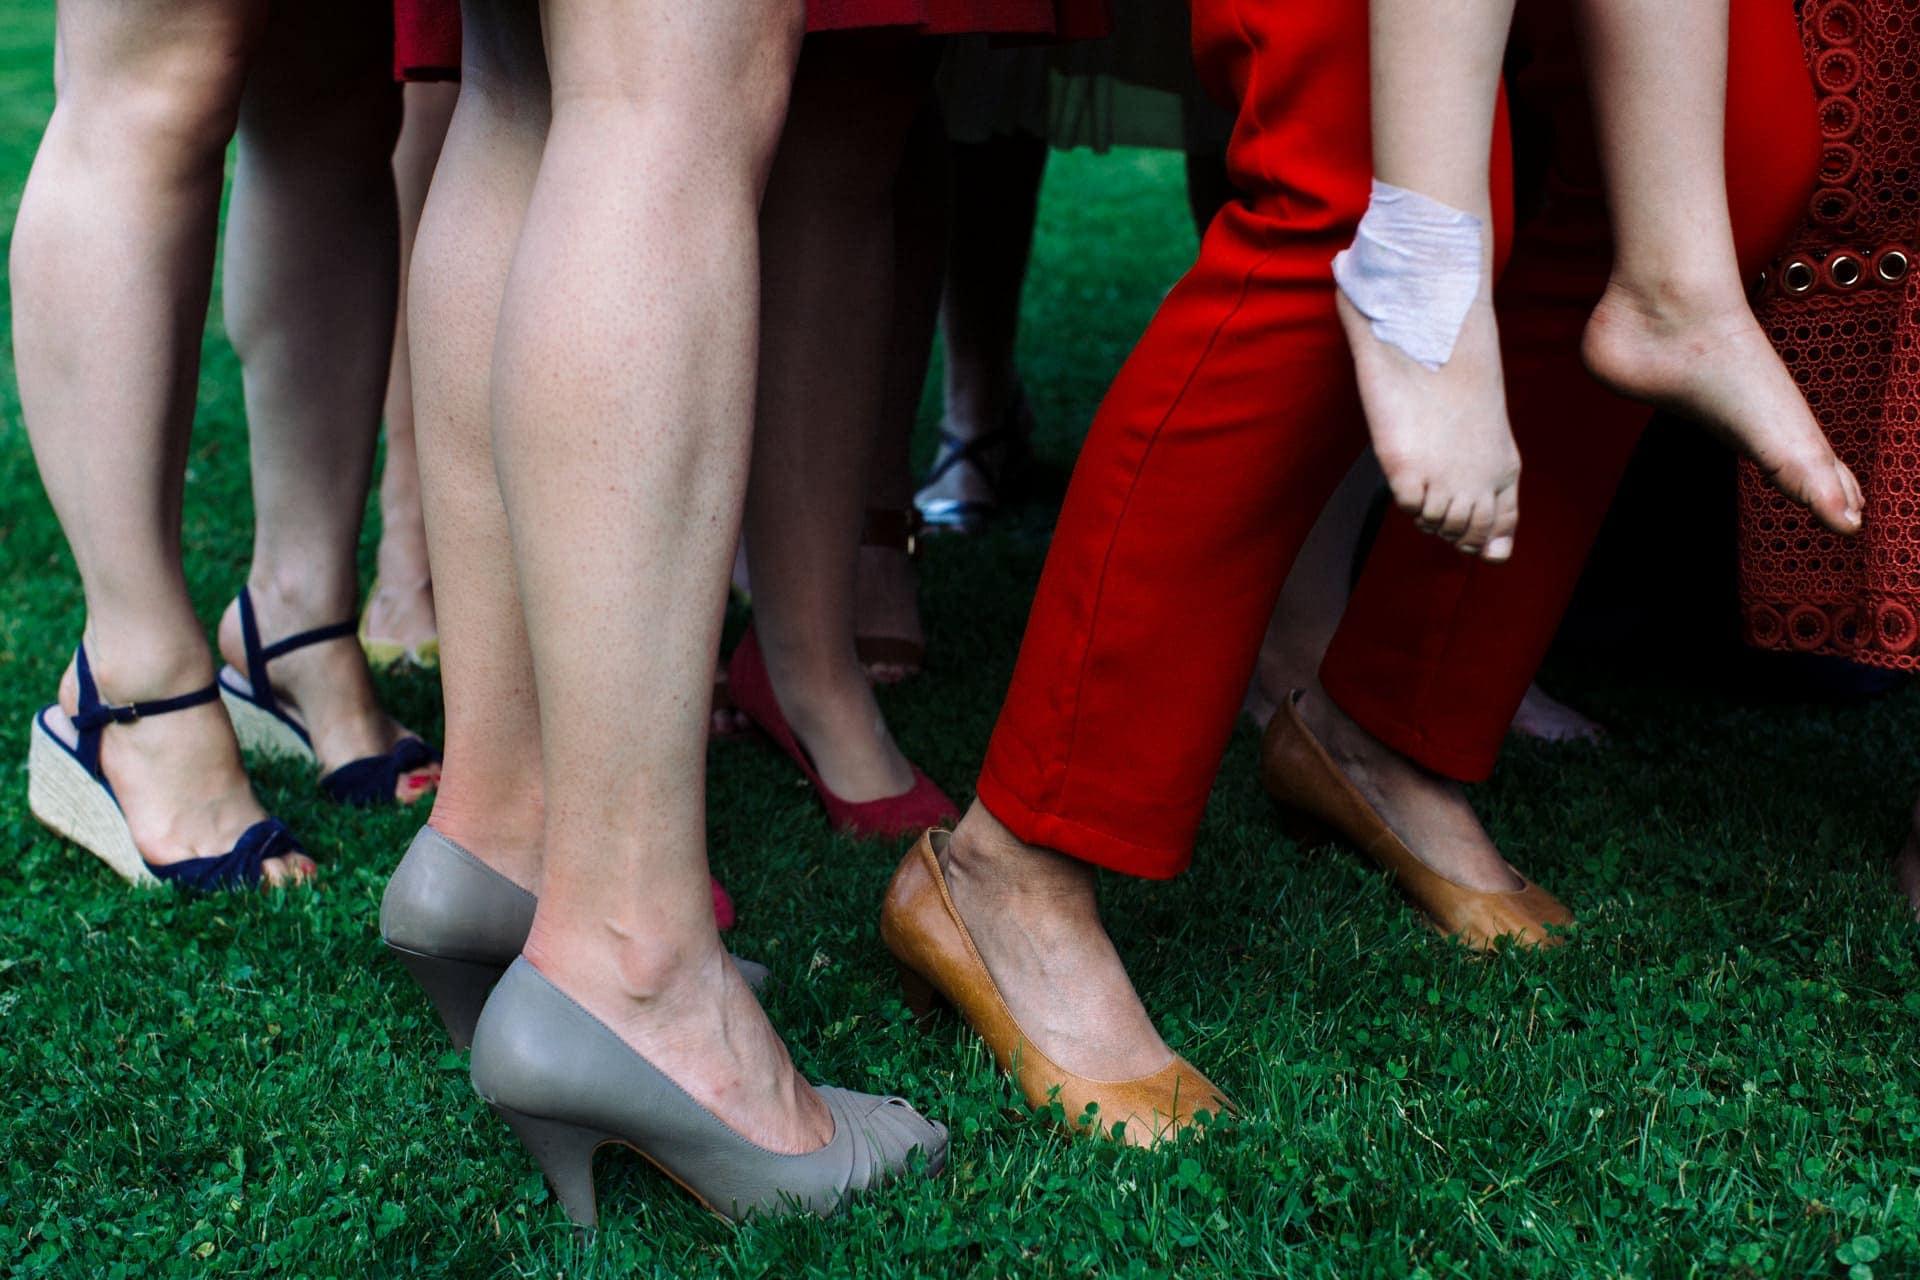 chaussures et pieds dans la pelouse Ernestine et sa famille photographe de mariage à l'approche reportage